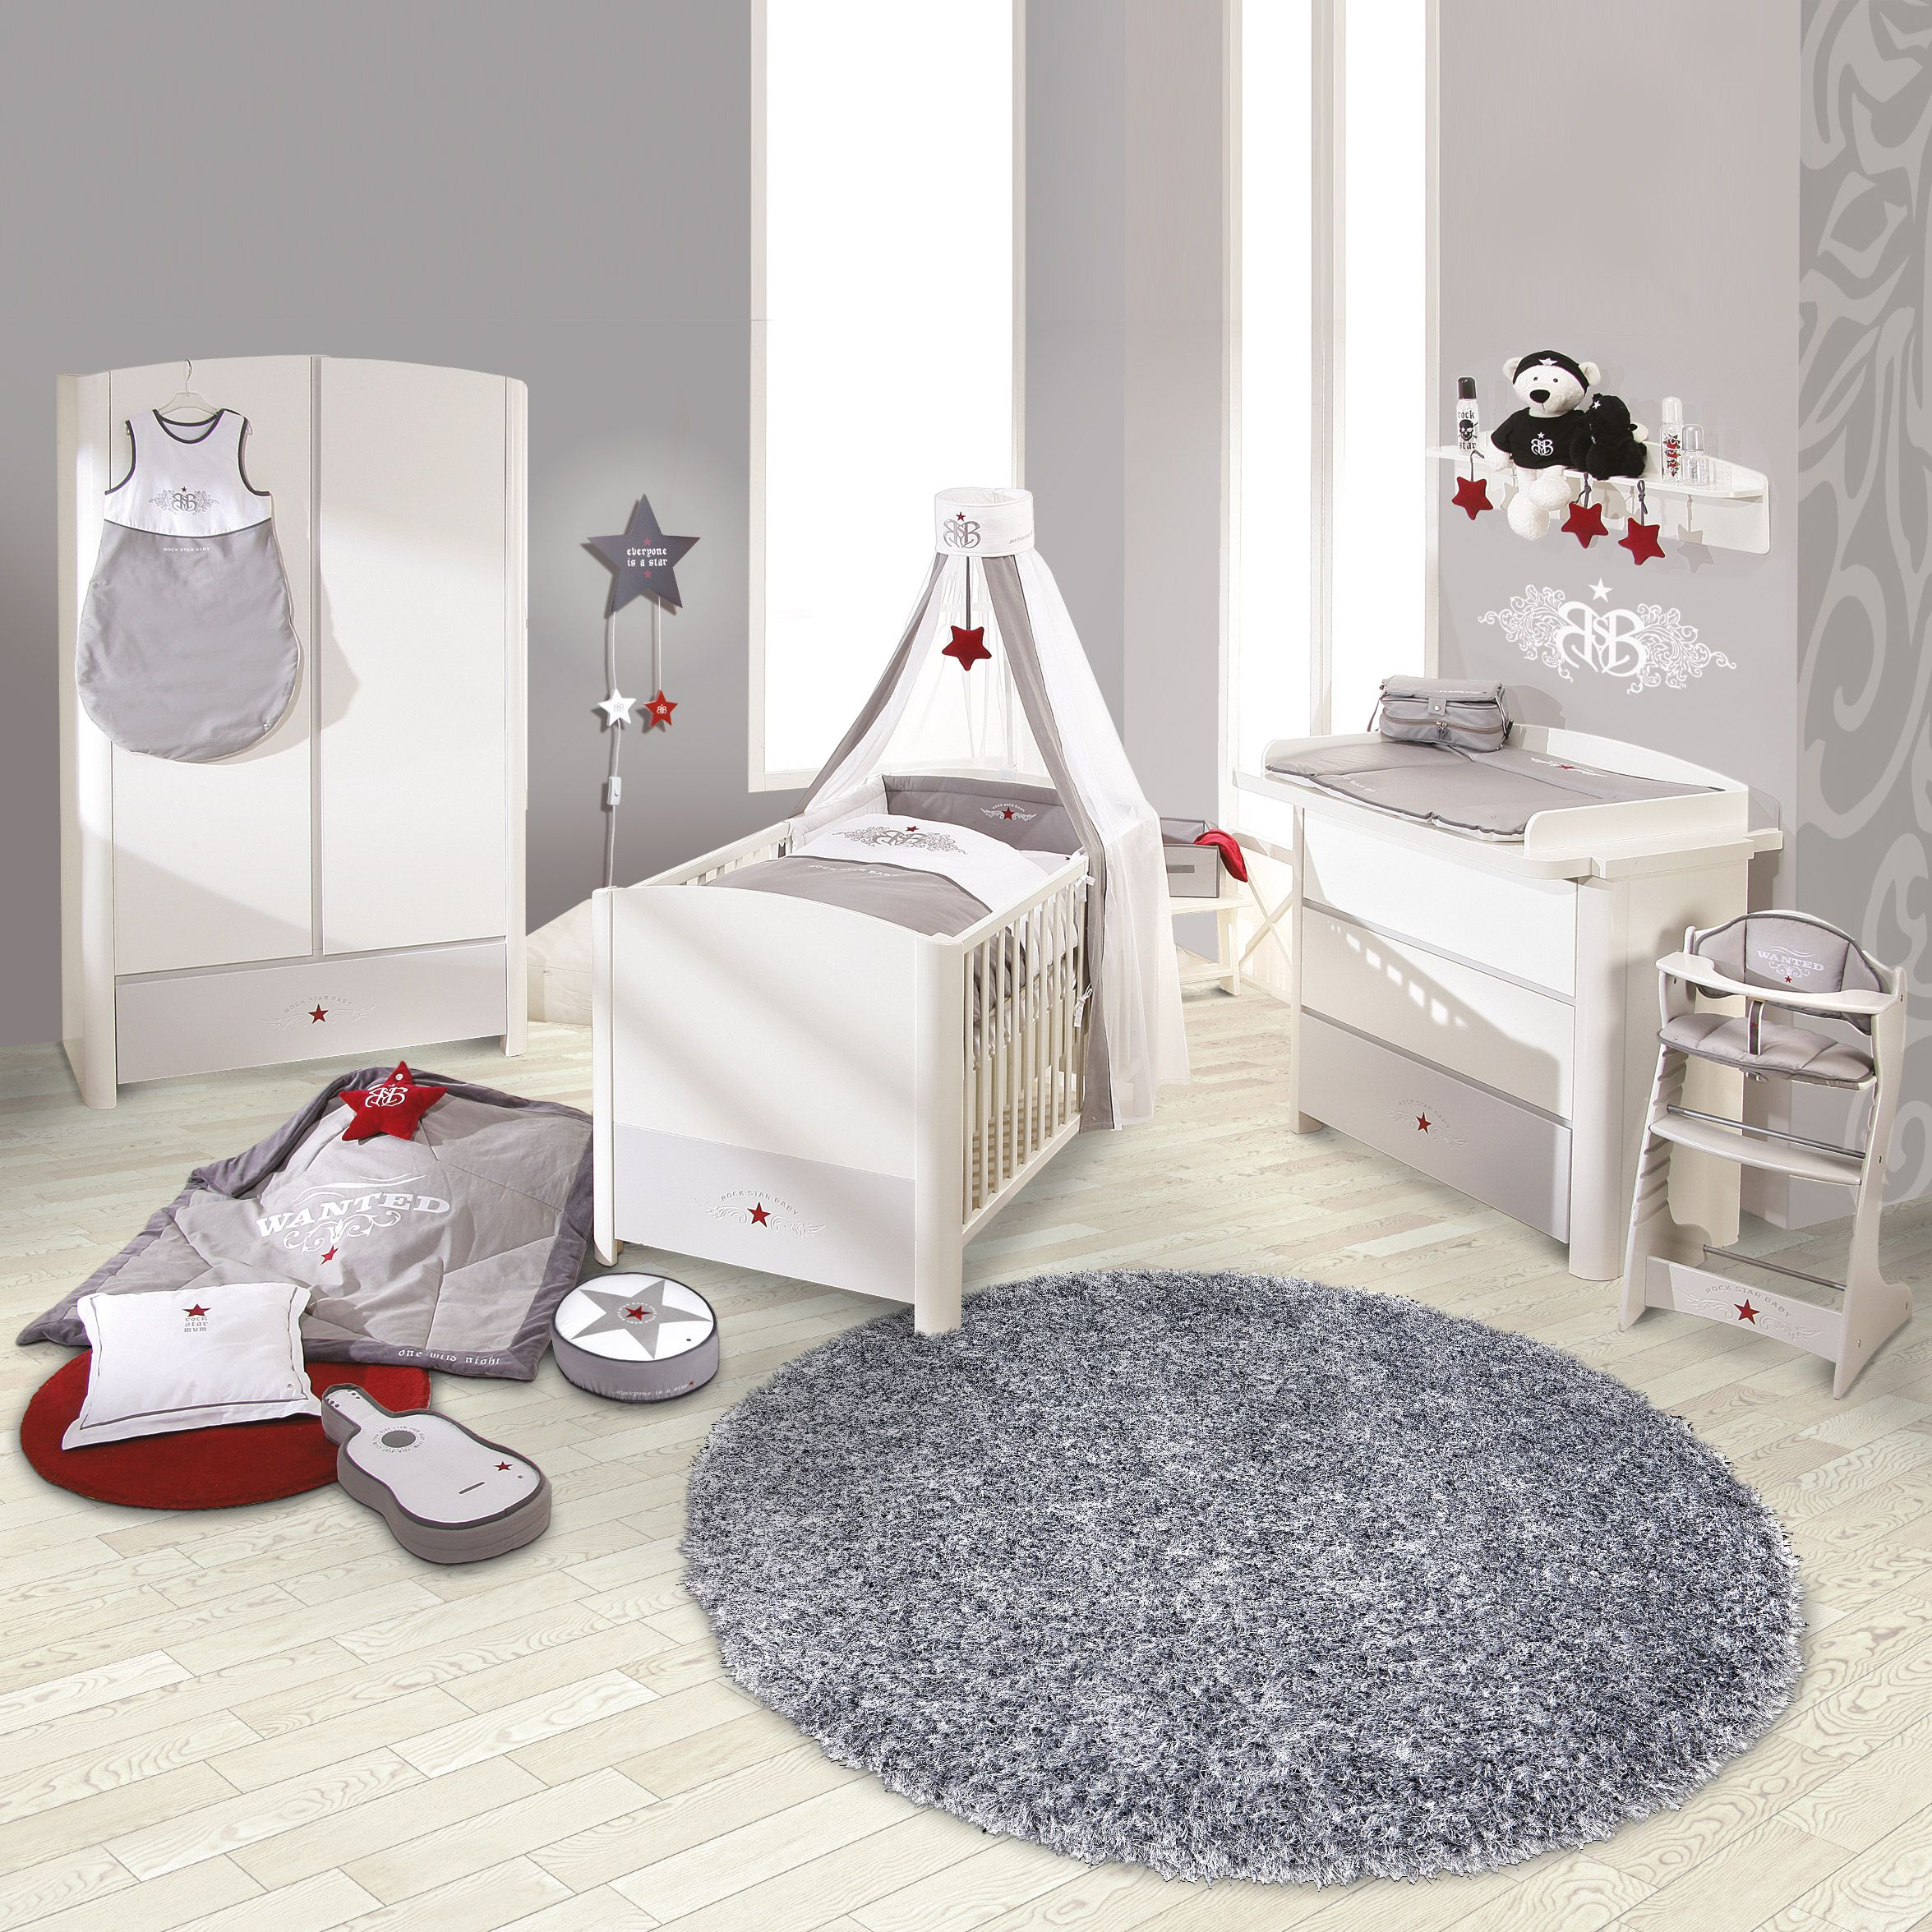 Komplettset Rock Star (3-teilig) - Babybett, Wickelkommode & Kleiderschrank - Weiß/Grau, Roba